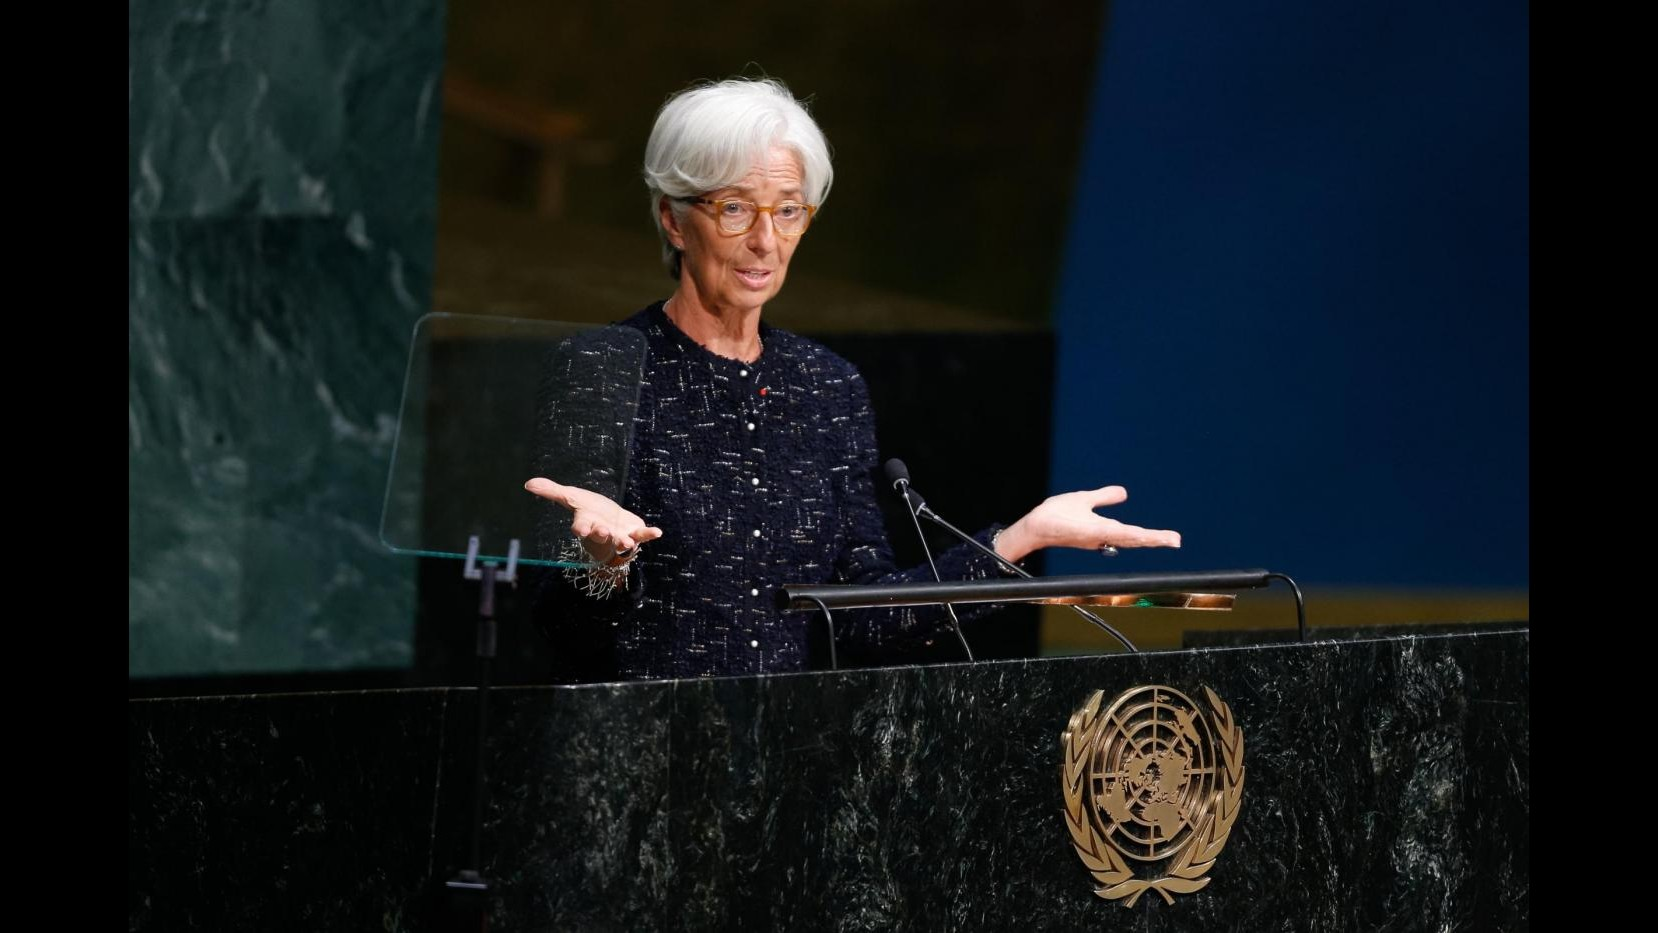 Fmi: Rischi globali dal boom dei debiti delle imprese nei Paesi emergenti